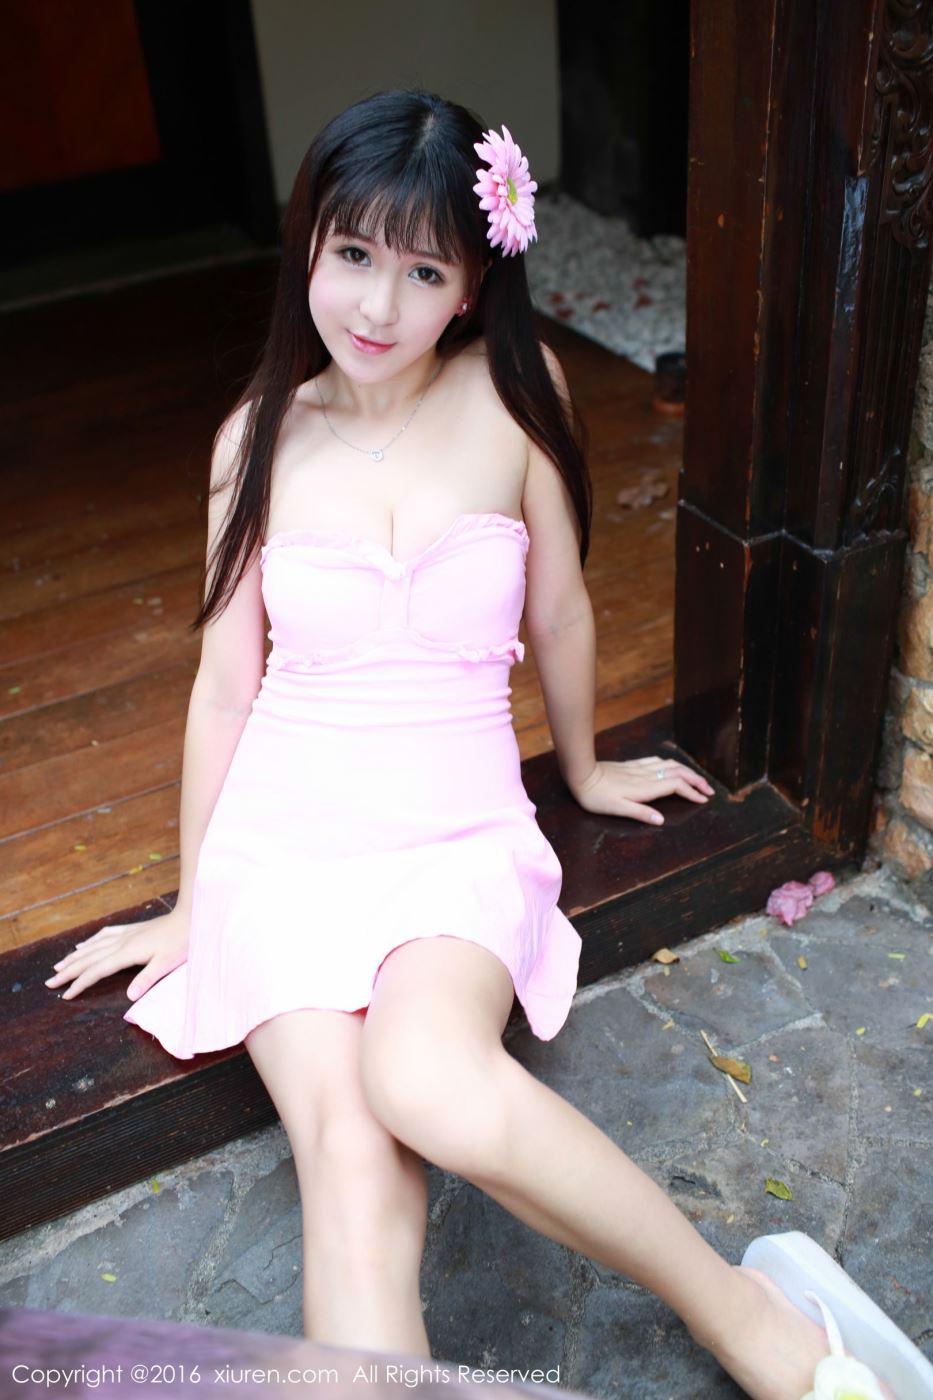 秀人网小清新长发美女唐雨辰粉嫩连衣裙户外摄影写真